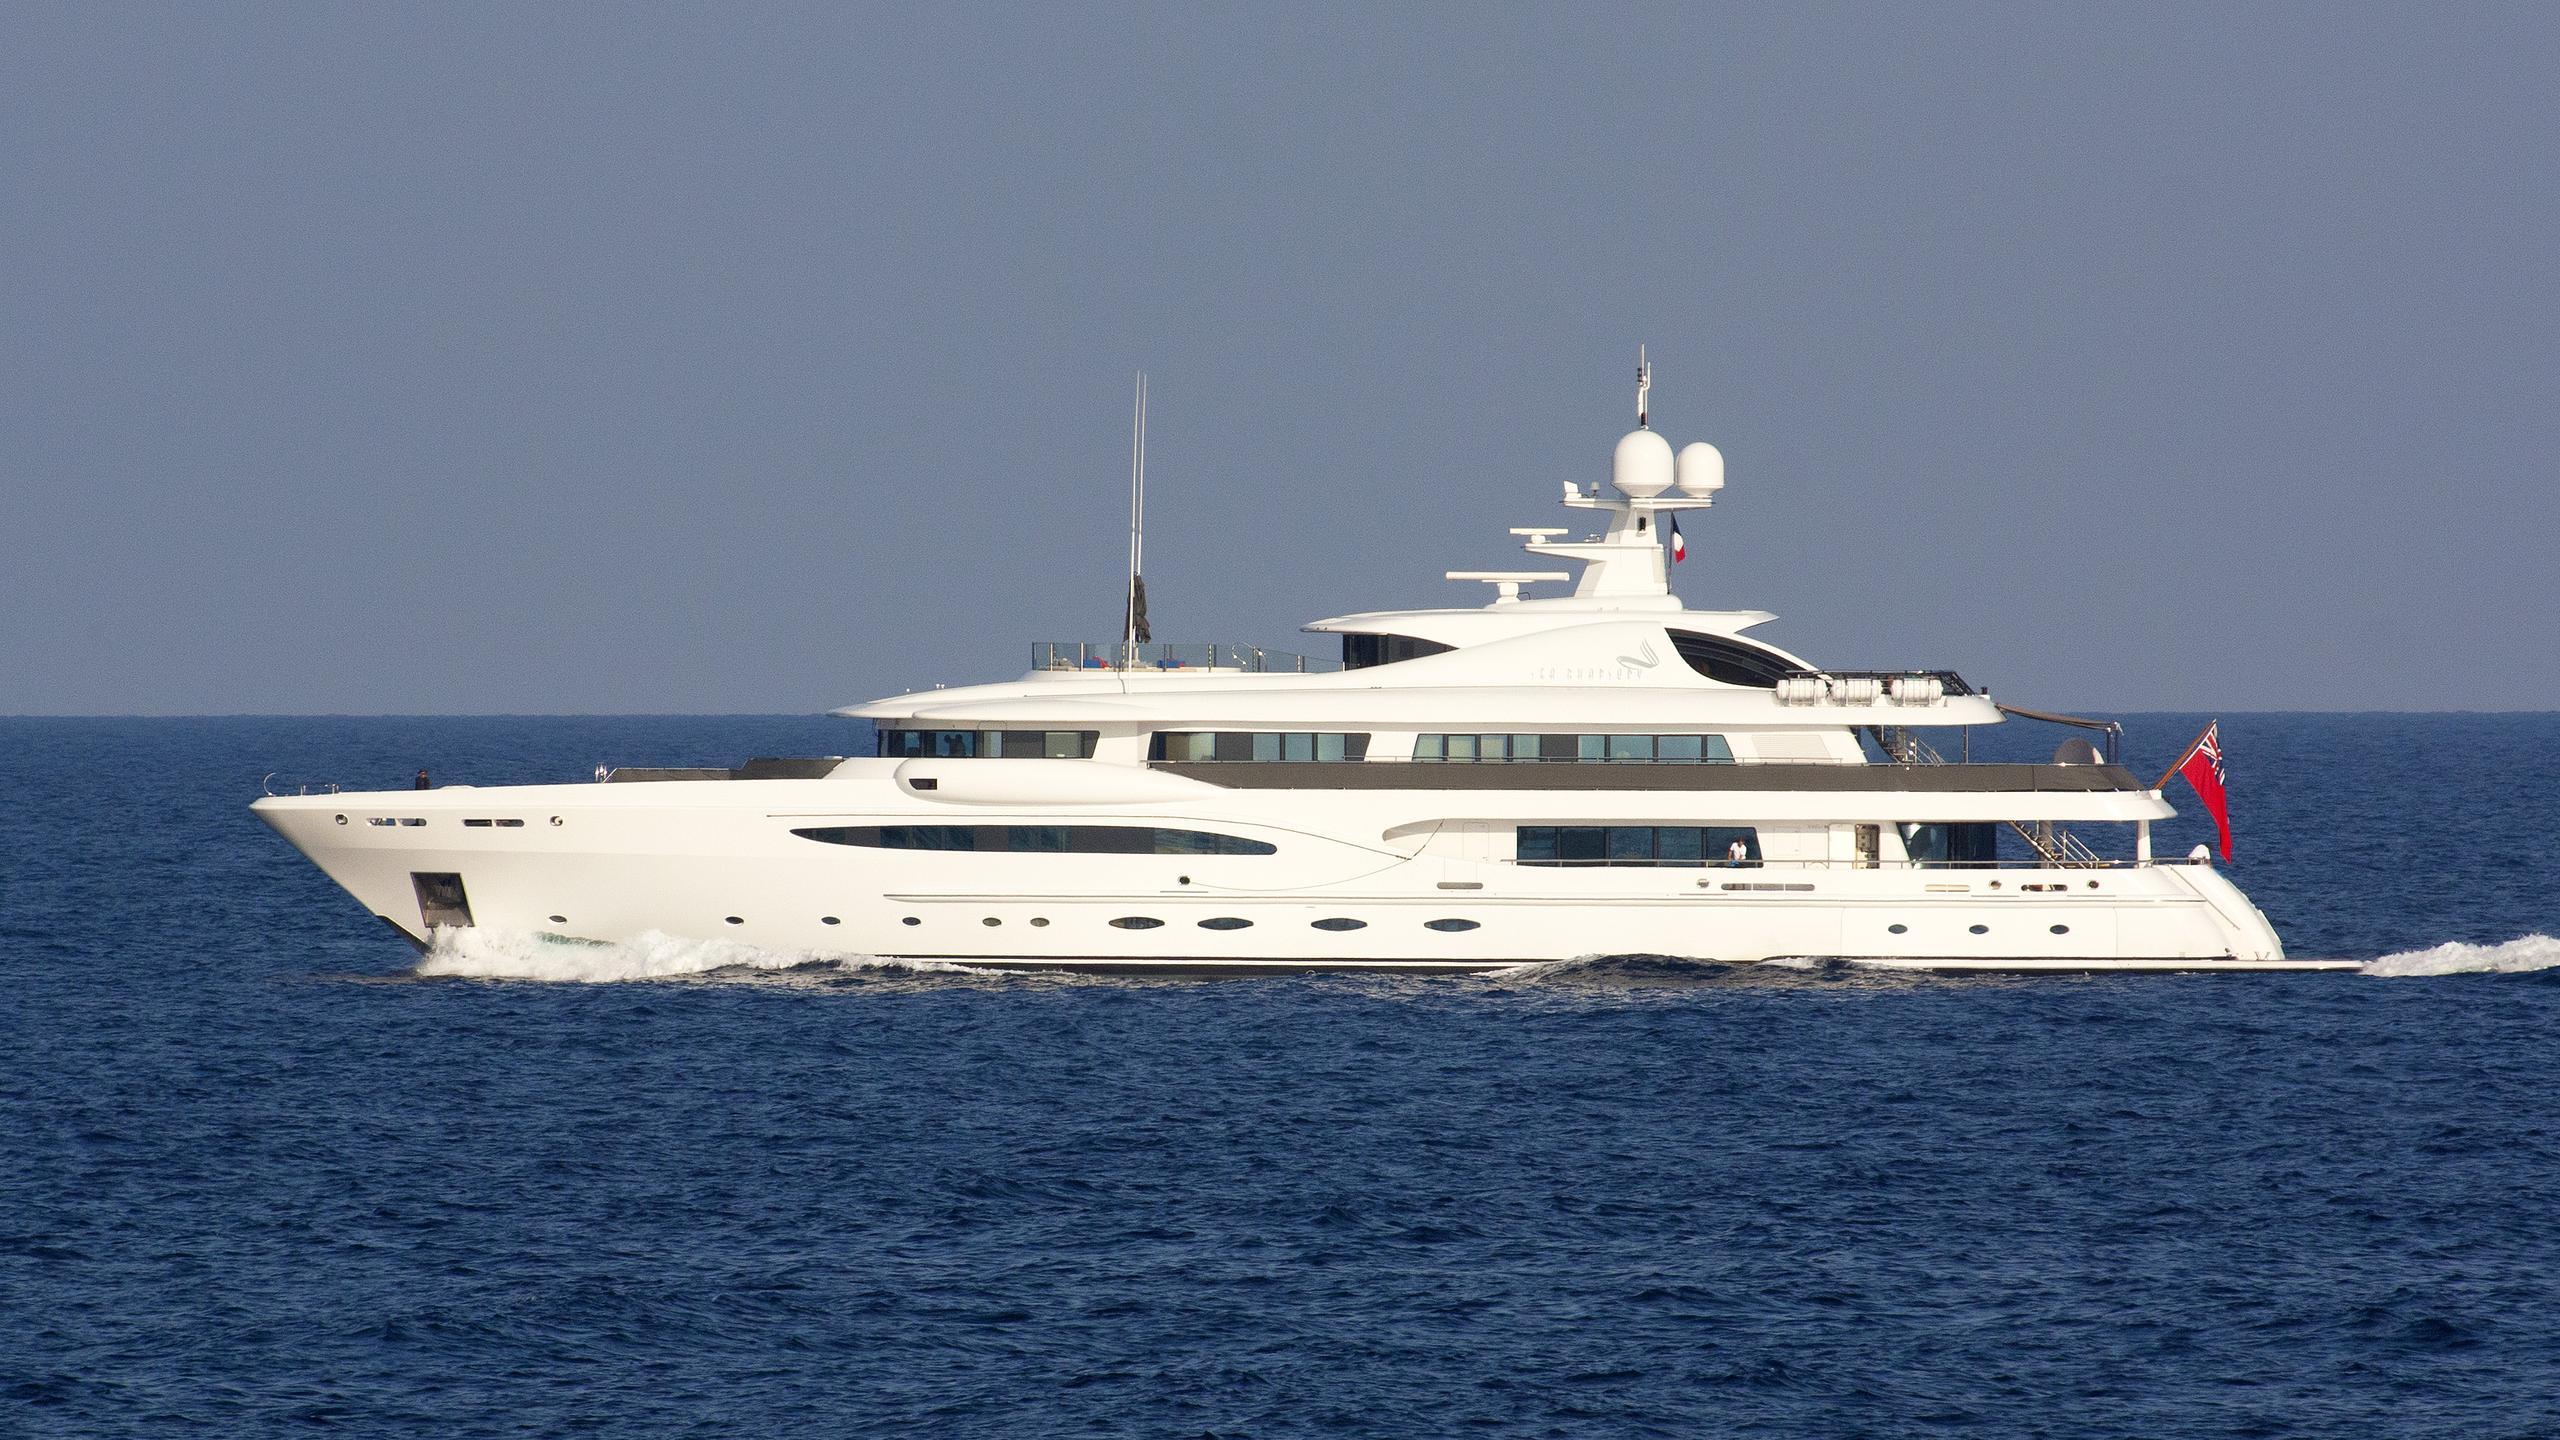 sea-rhapsody-motor-yacht-amels-2012-66m-profile